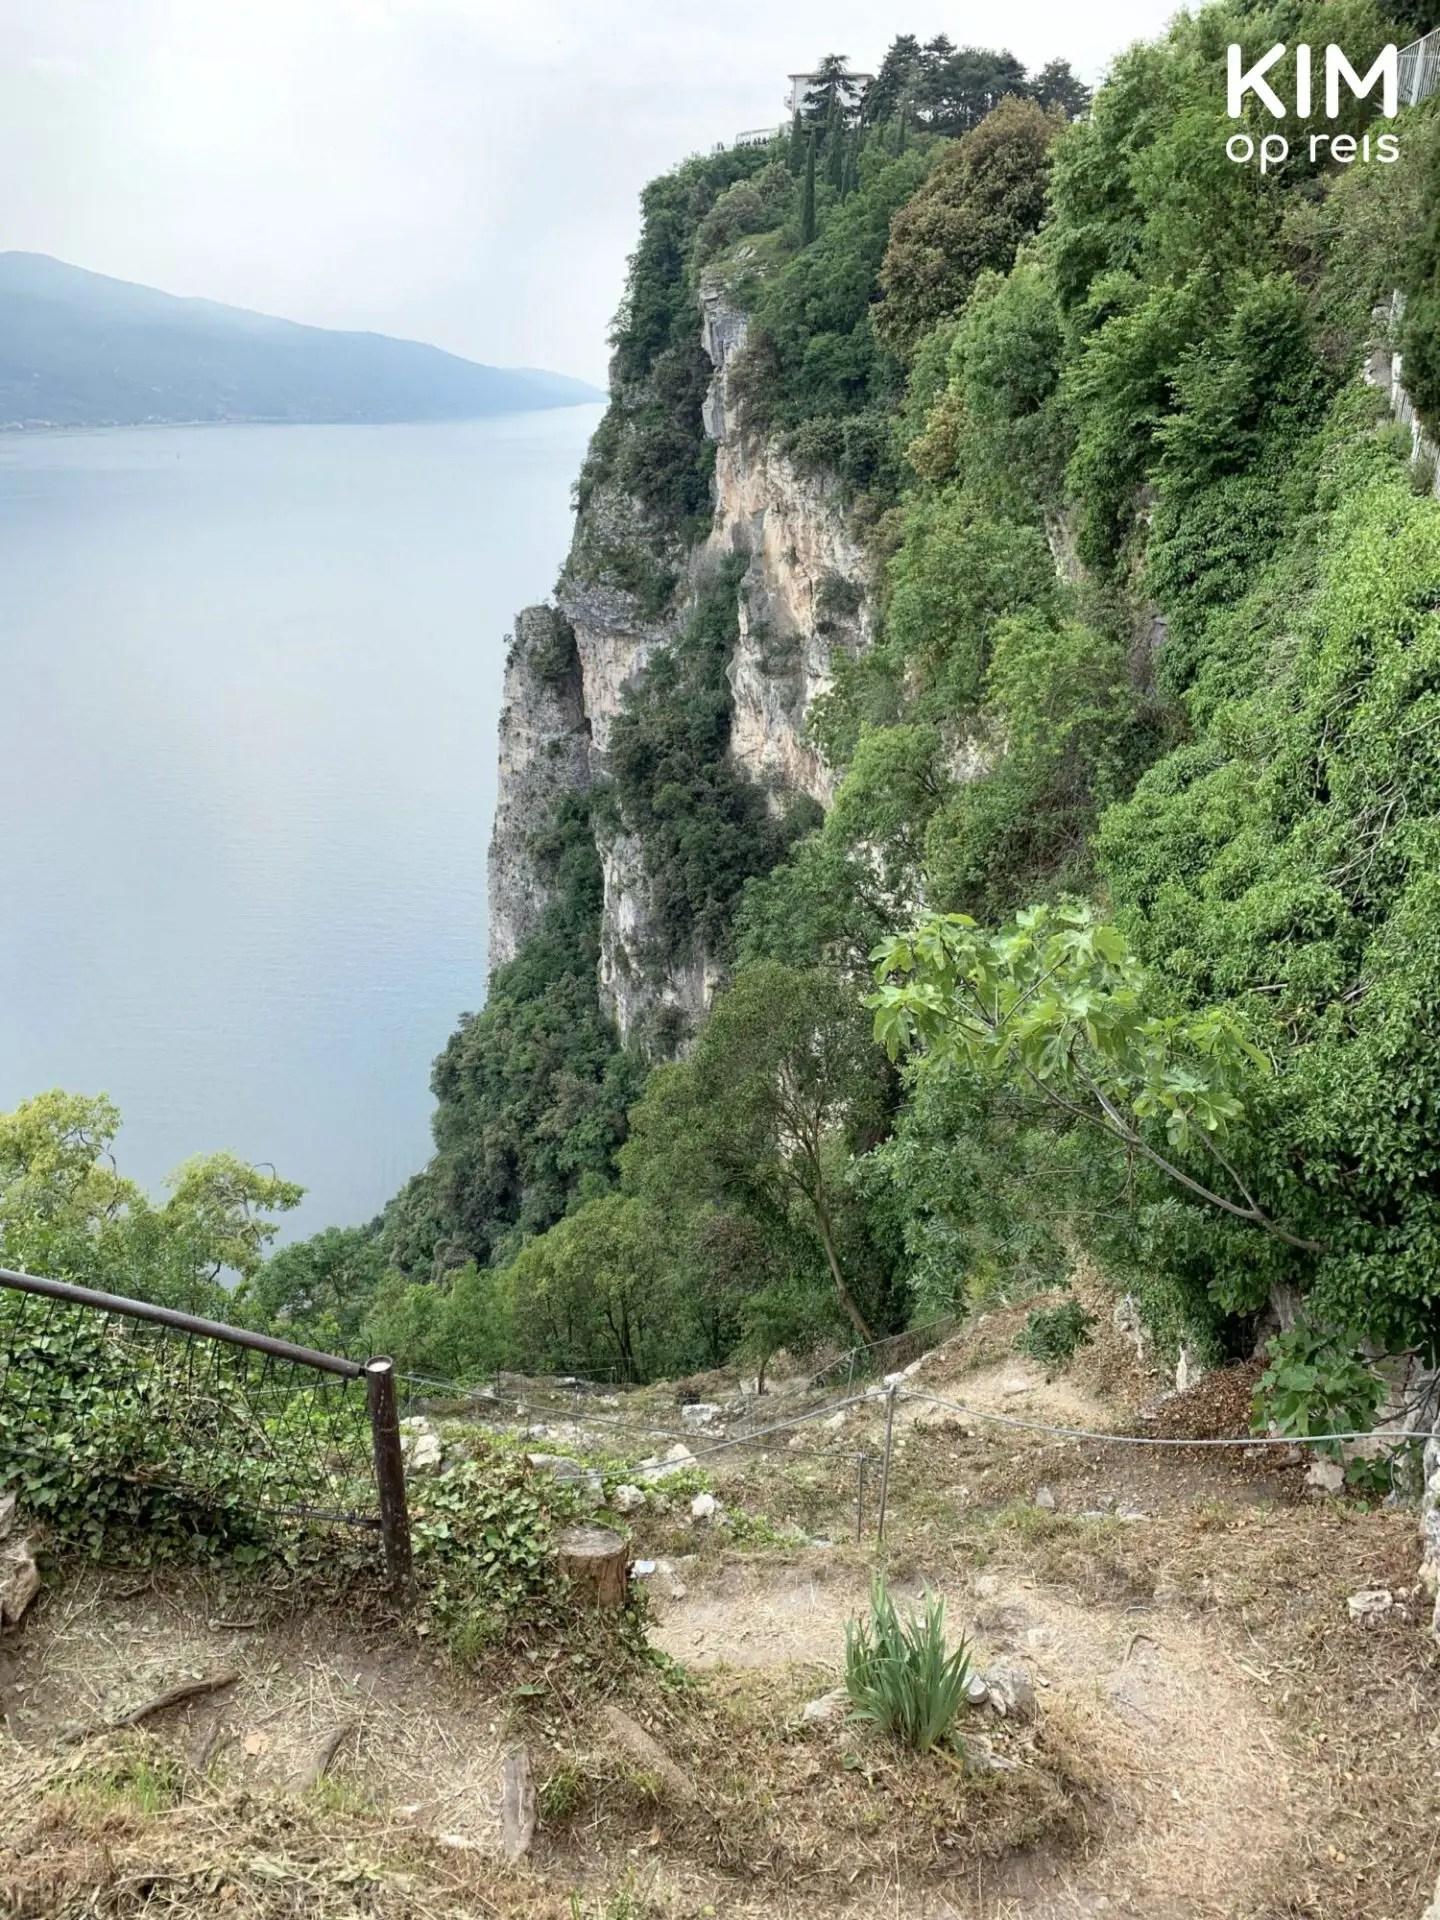 Wandelpad langs de rotsen naar beneden Pieve - onverhard wandelpad met stenen steil naar beneden